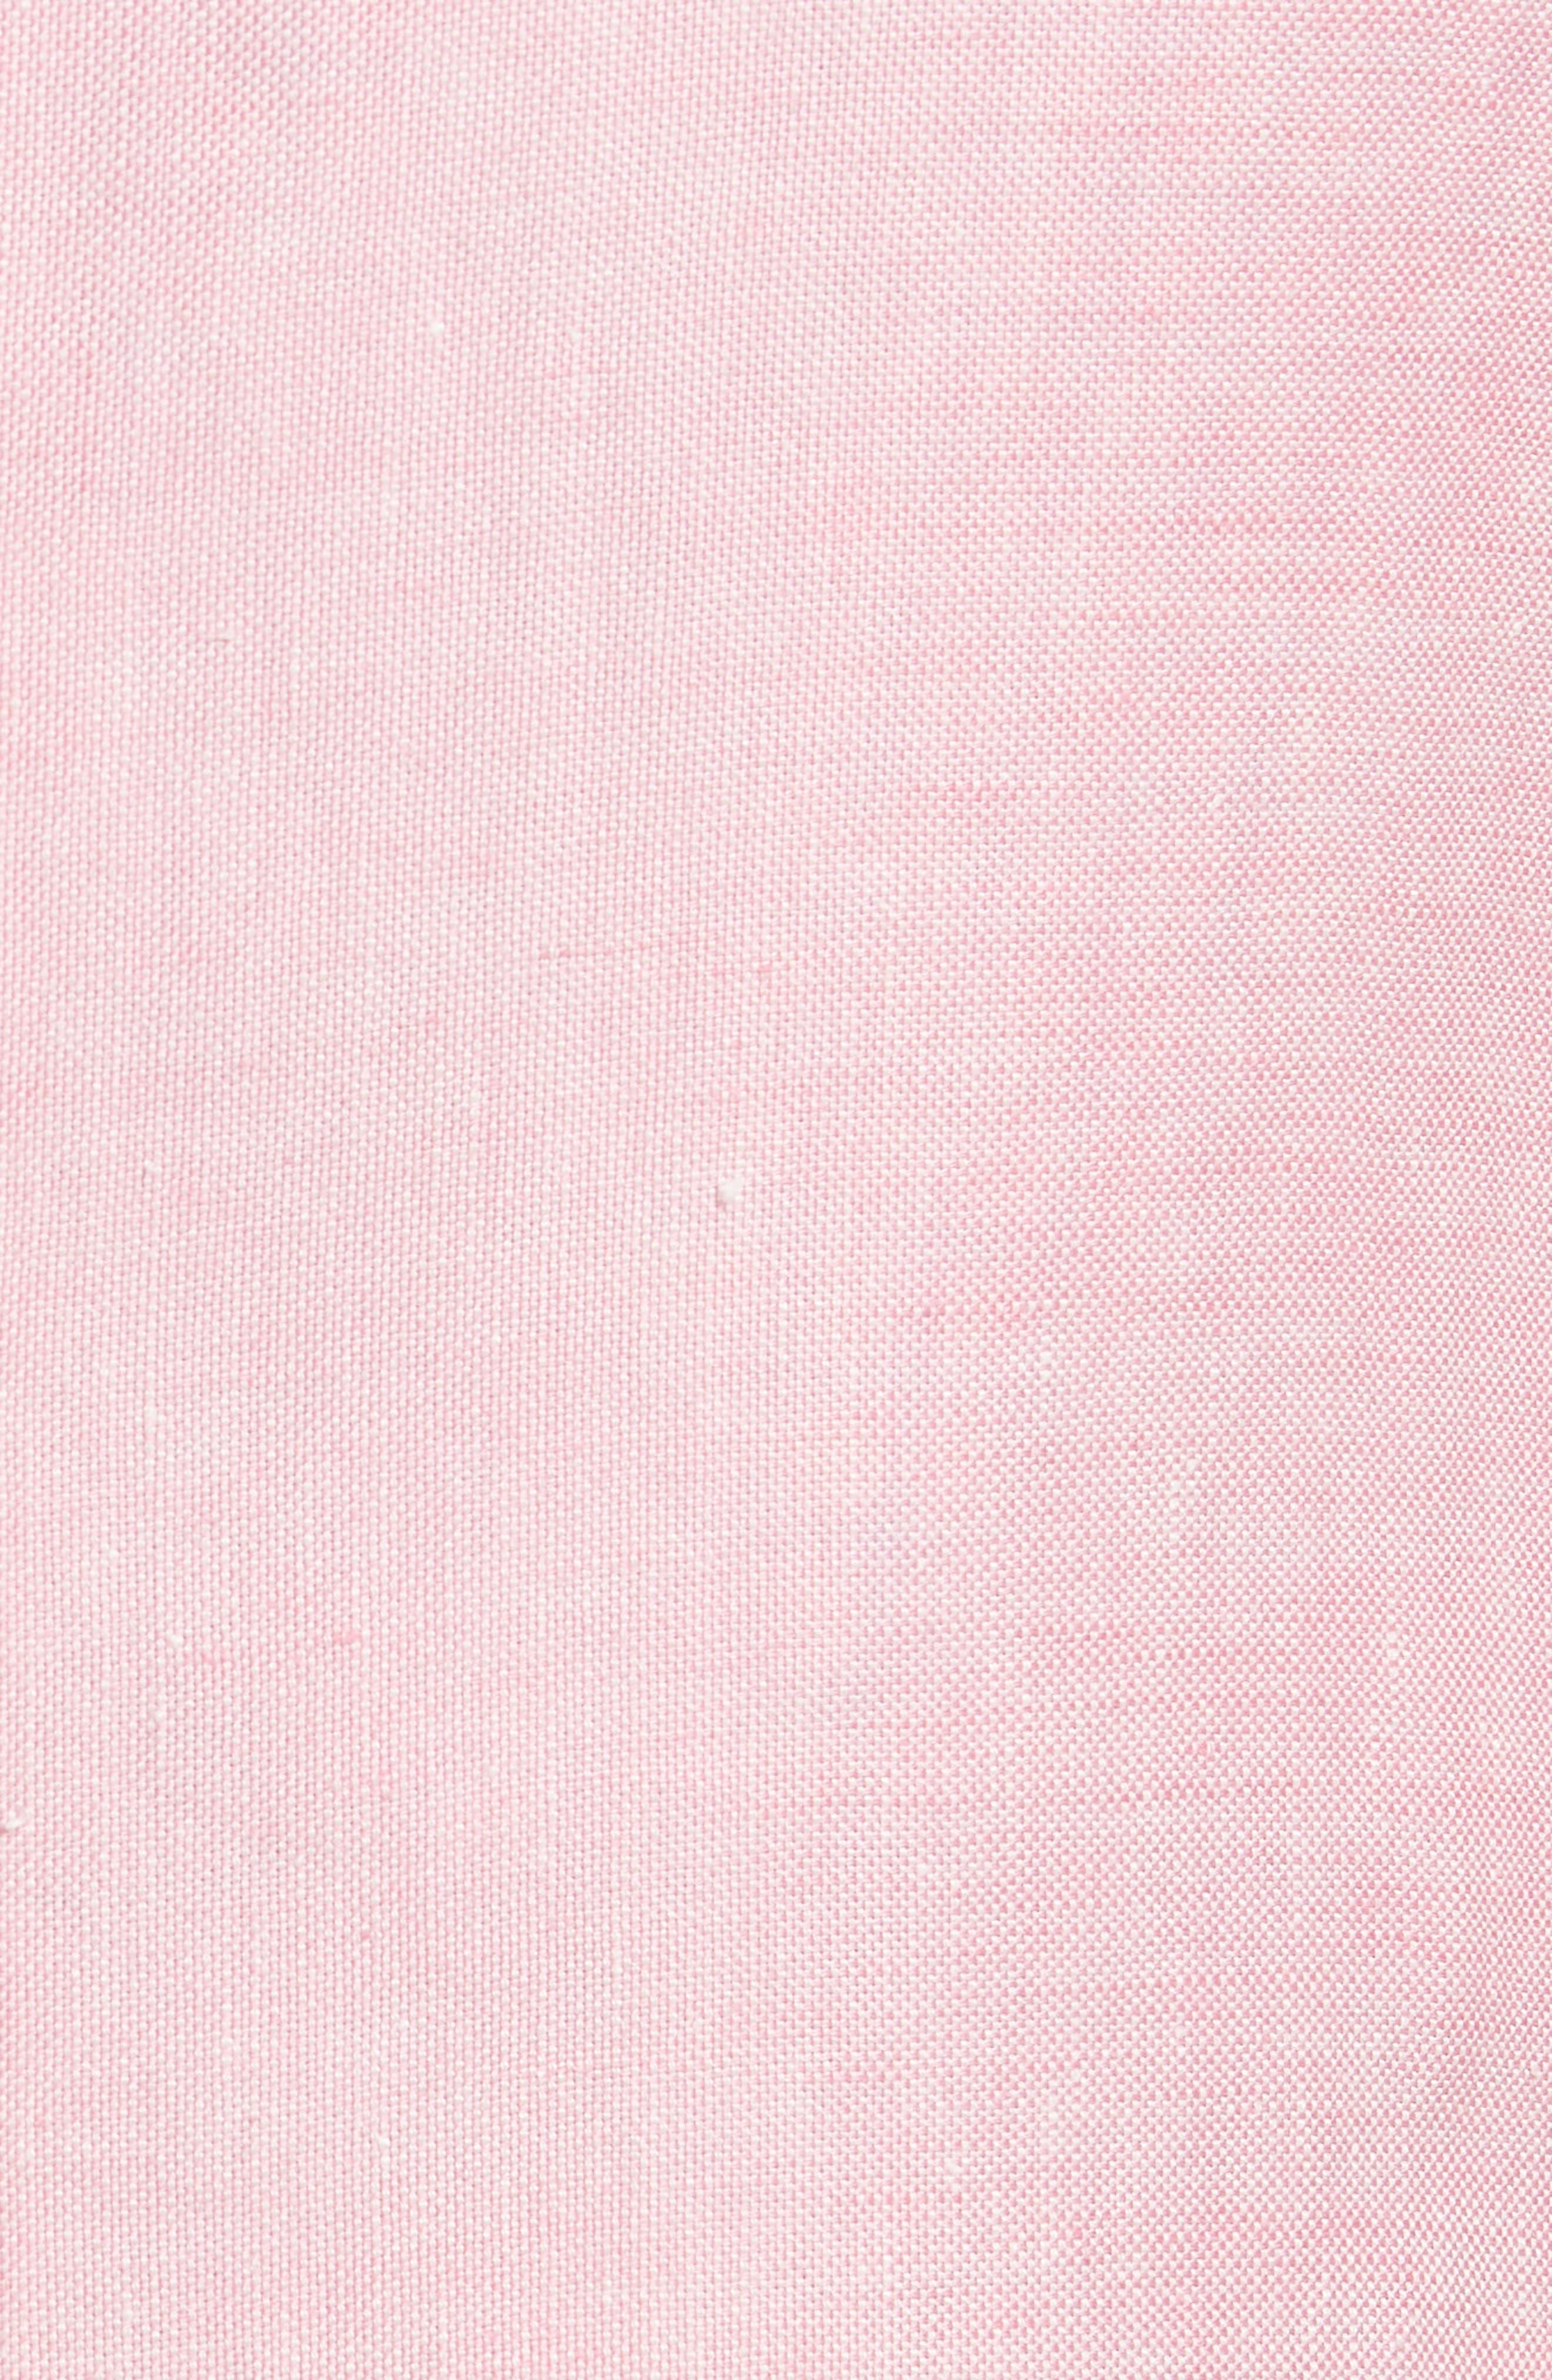 Unconstructed Linen Blazer,                             Alternate thumbnail 18, color,